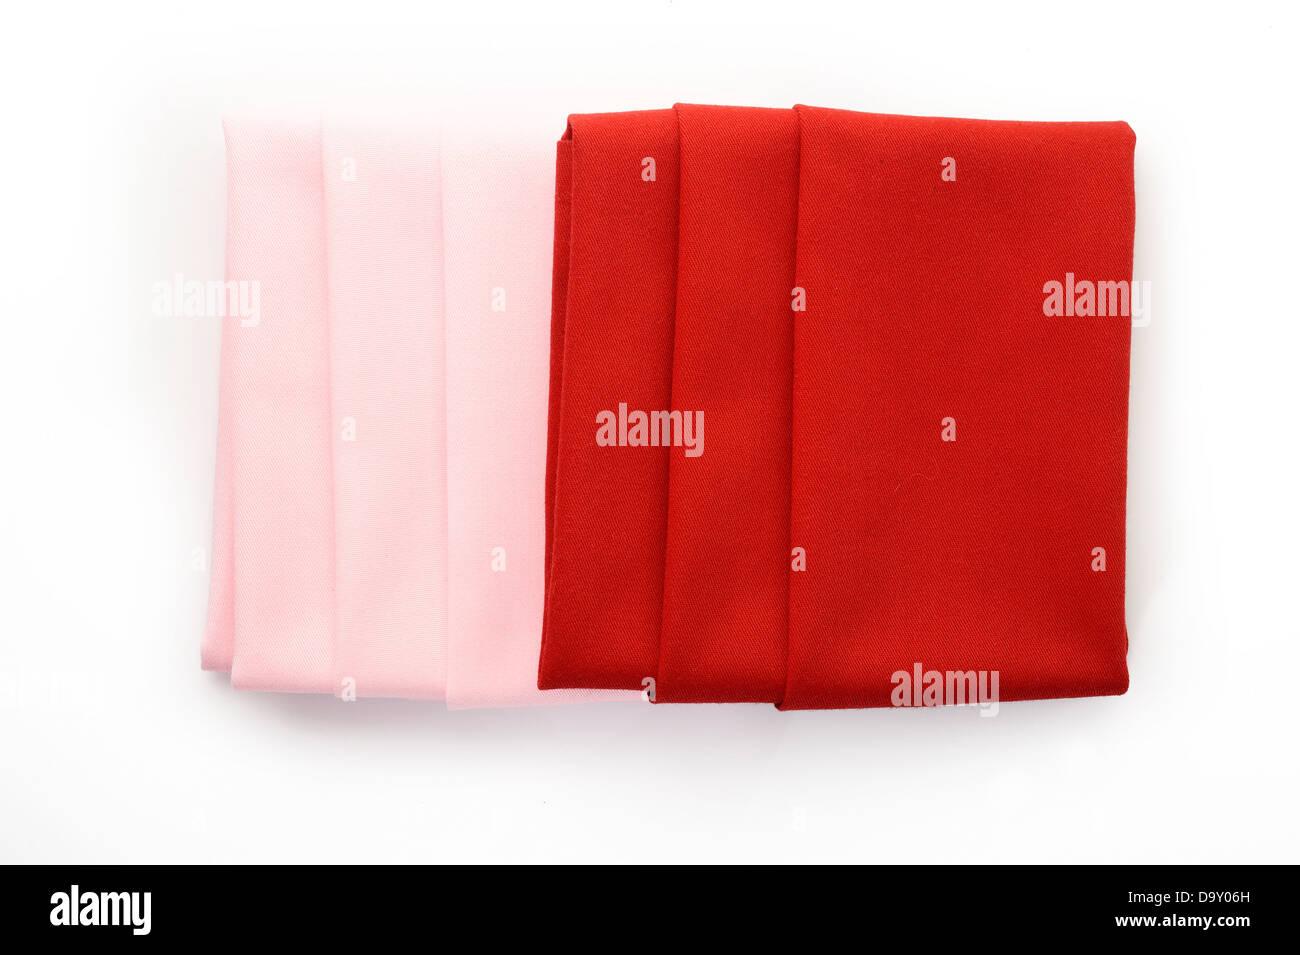 napkin on white background - Stock Image